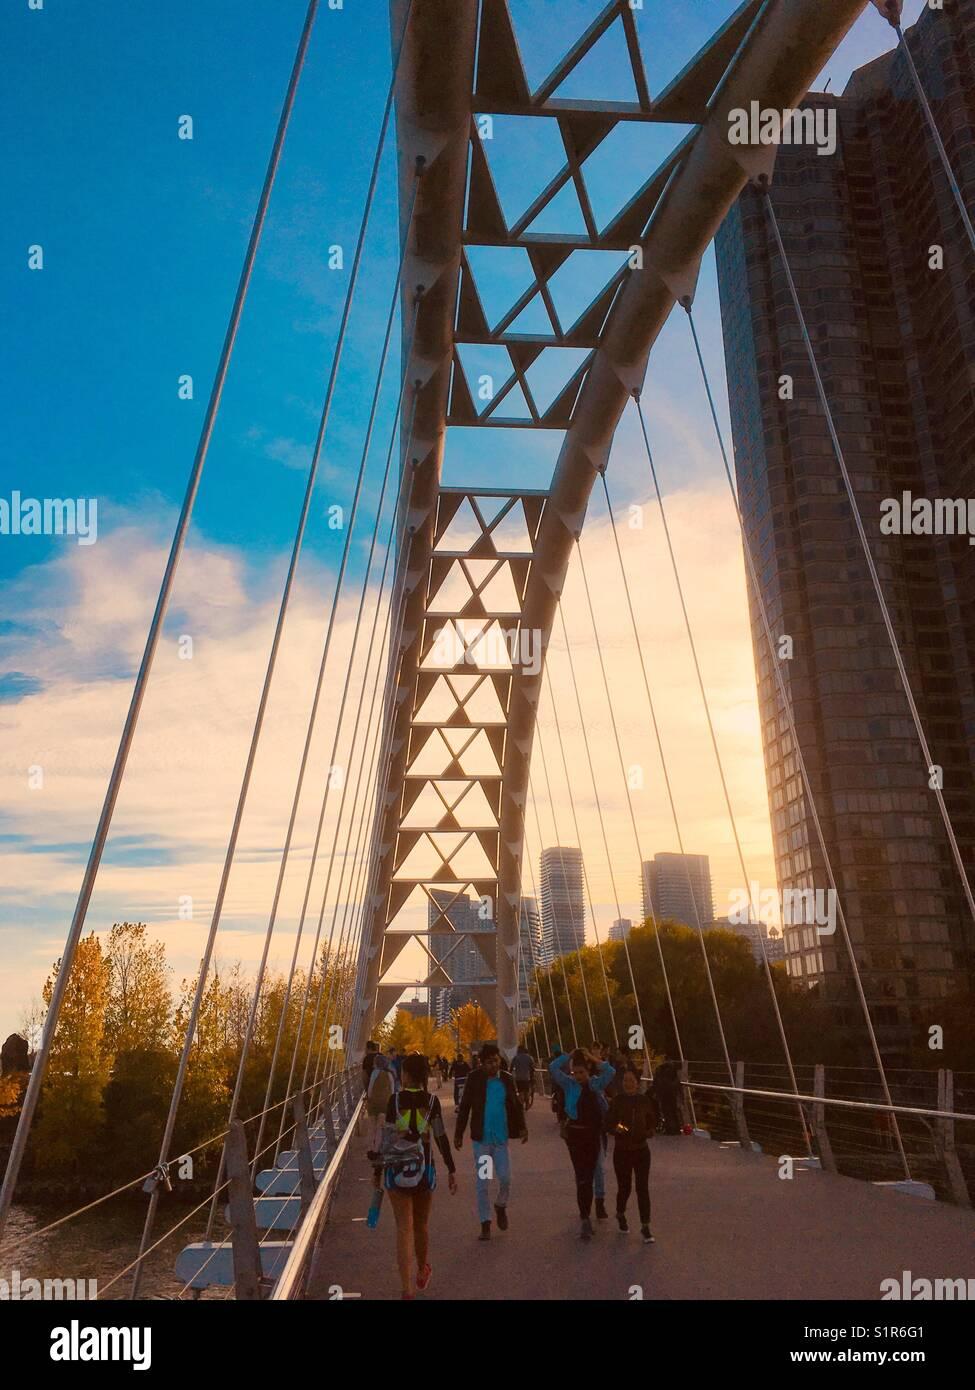 Humber Bay il ponte di Arco, Toronto, Canada. Immagini Stock